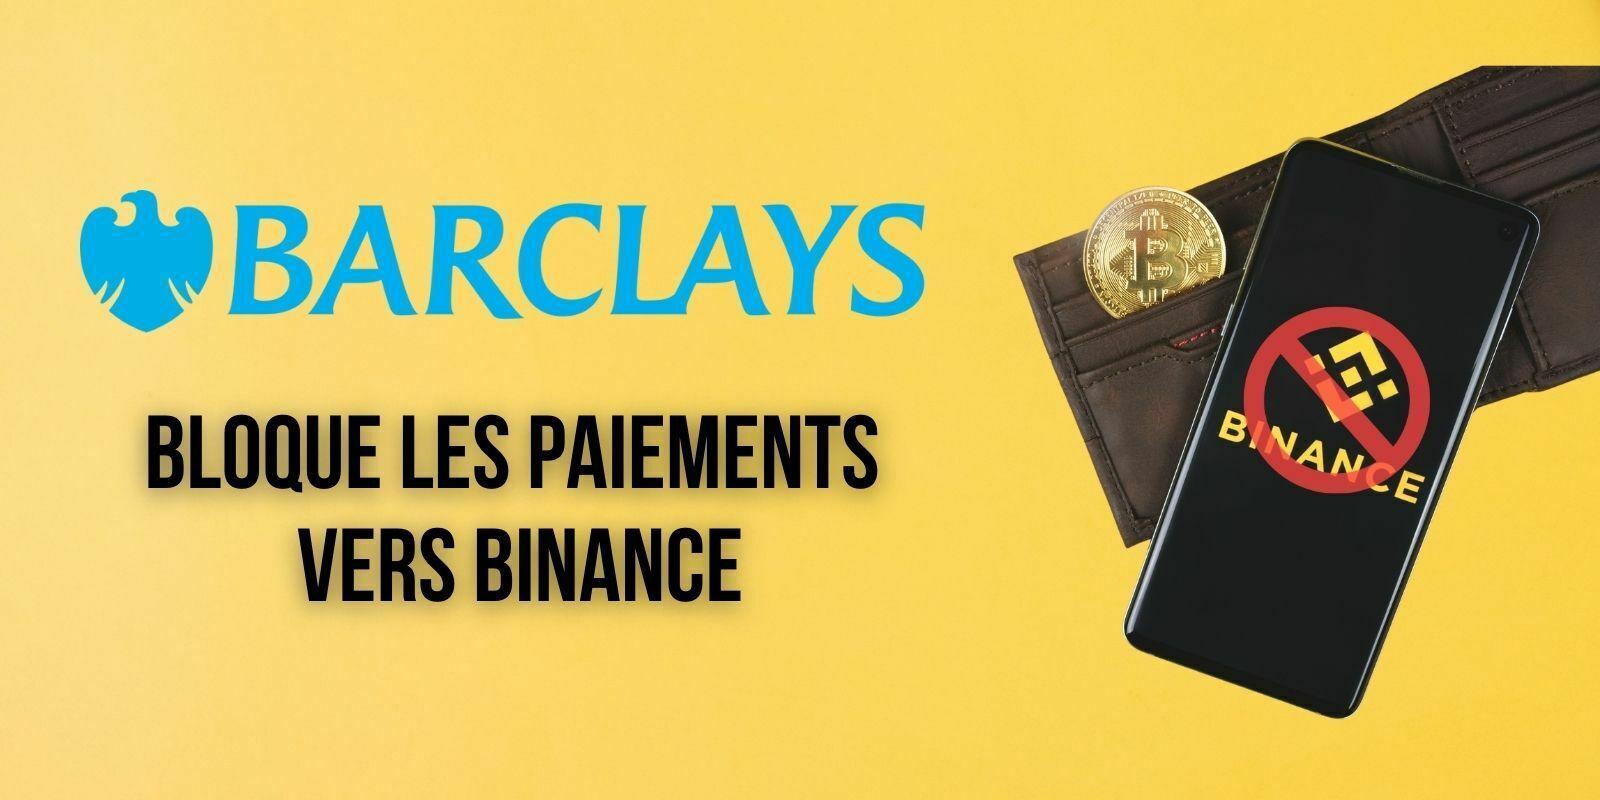 La banque britannique Barclays bloque les paiements vers Binance pour « protéger l'argent » de ses clients